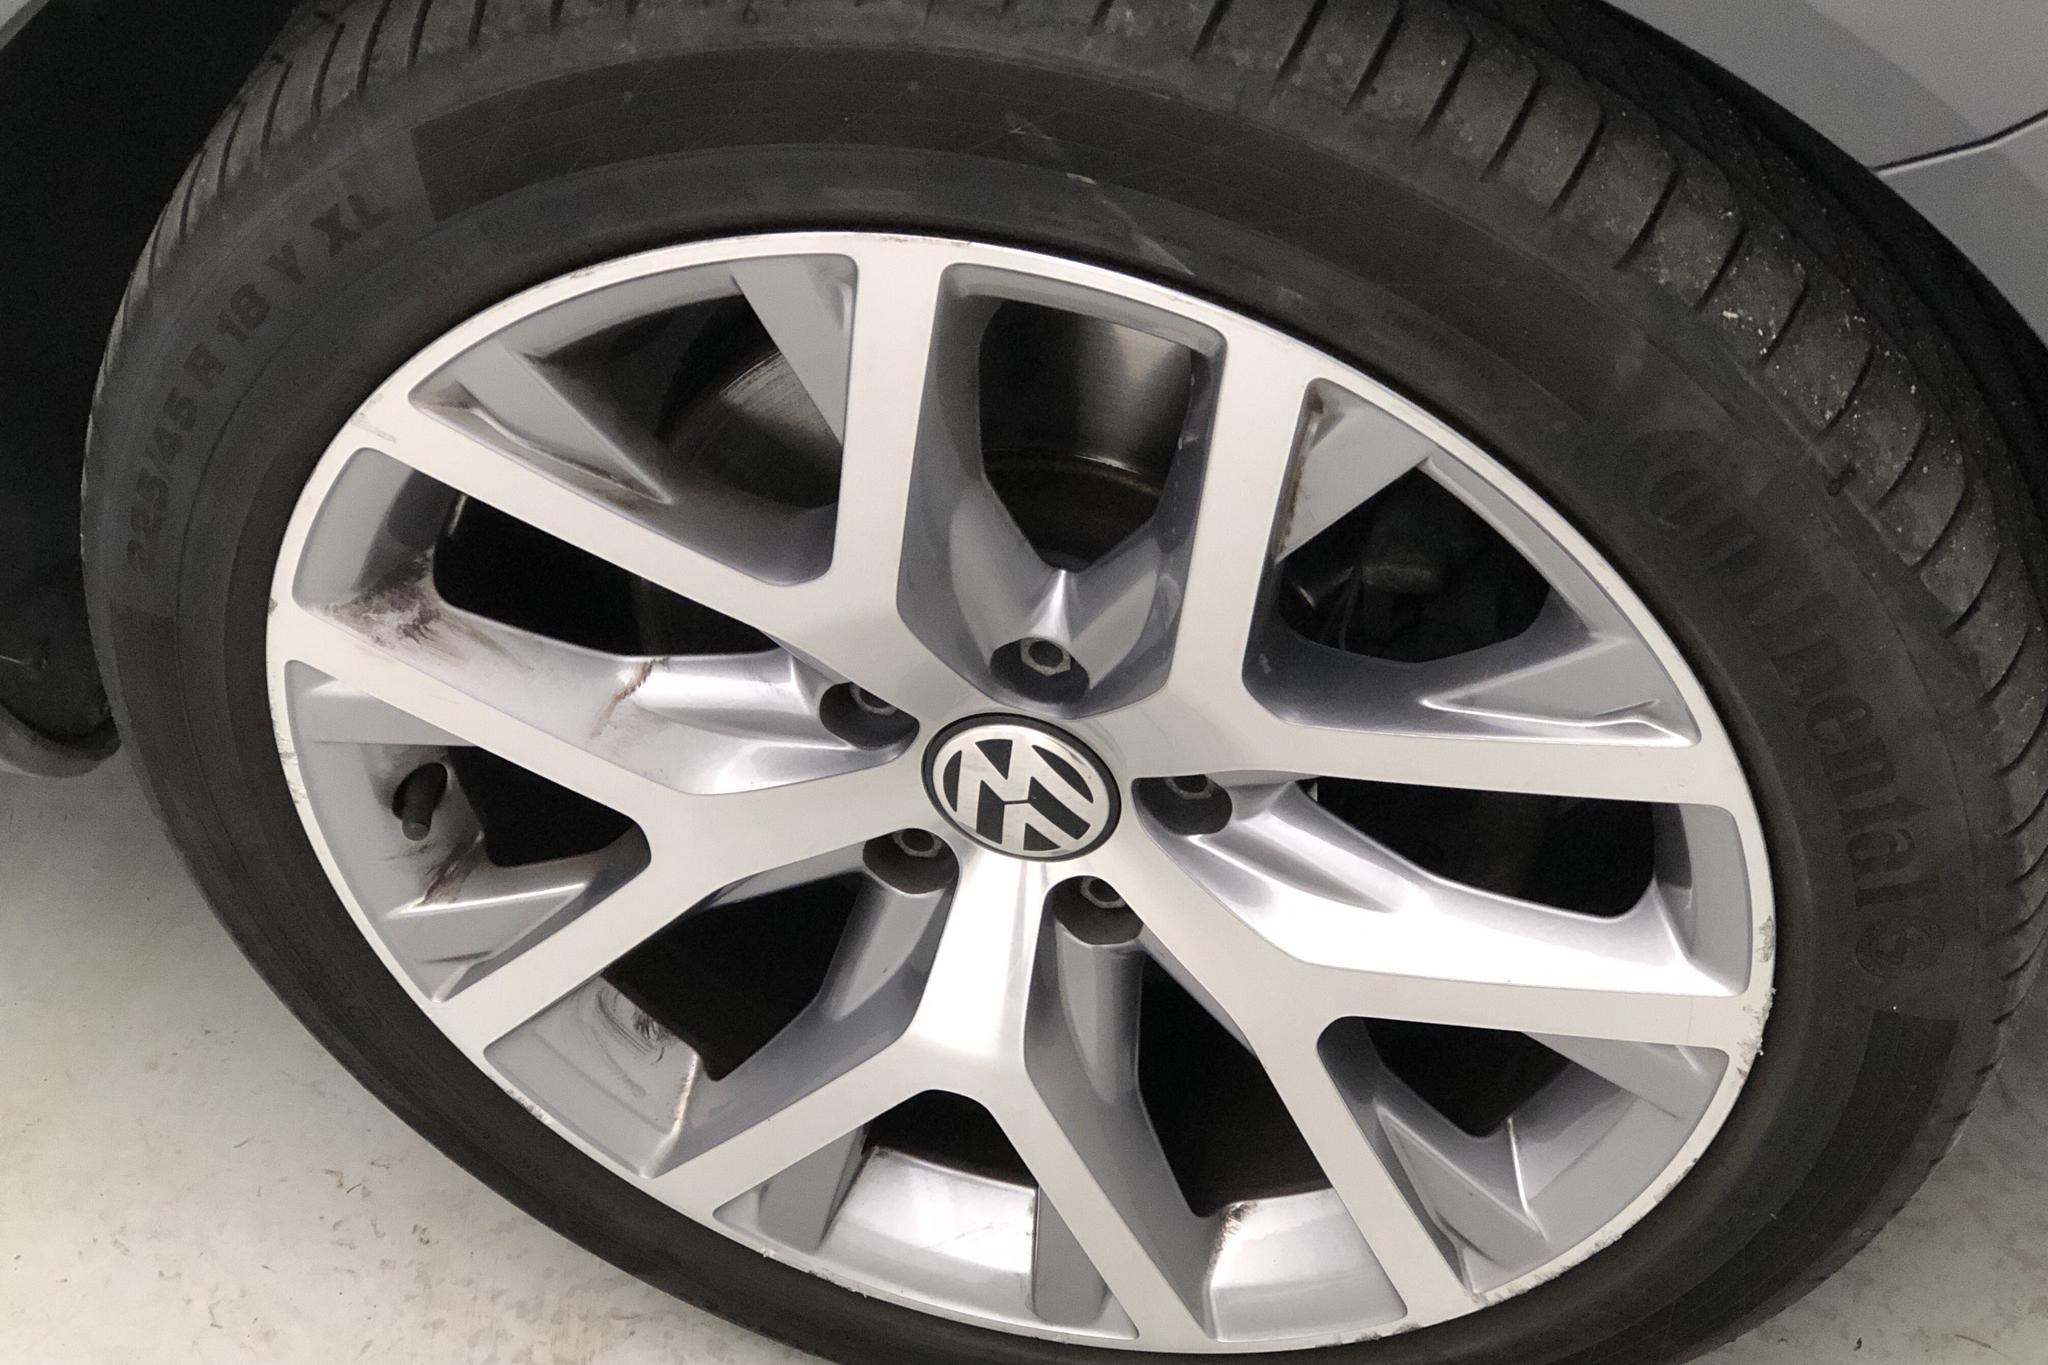 VW Passat Alltrack 2.0 TDI BlueMotion Technology 4Motion (177hk) - 10 921 mil - Automat - silver - 2015